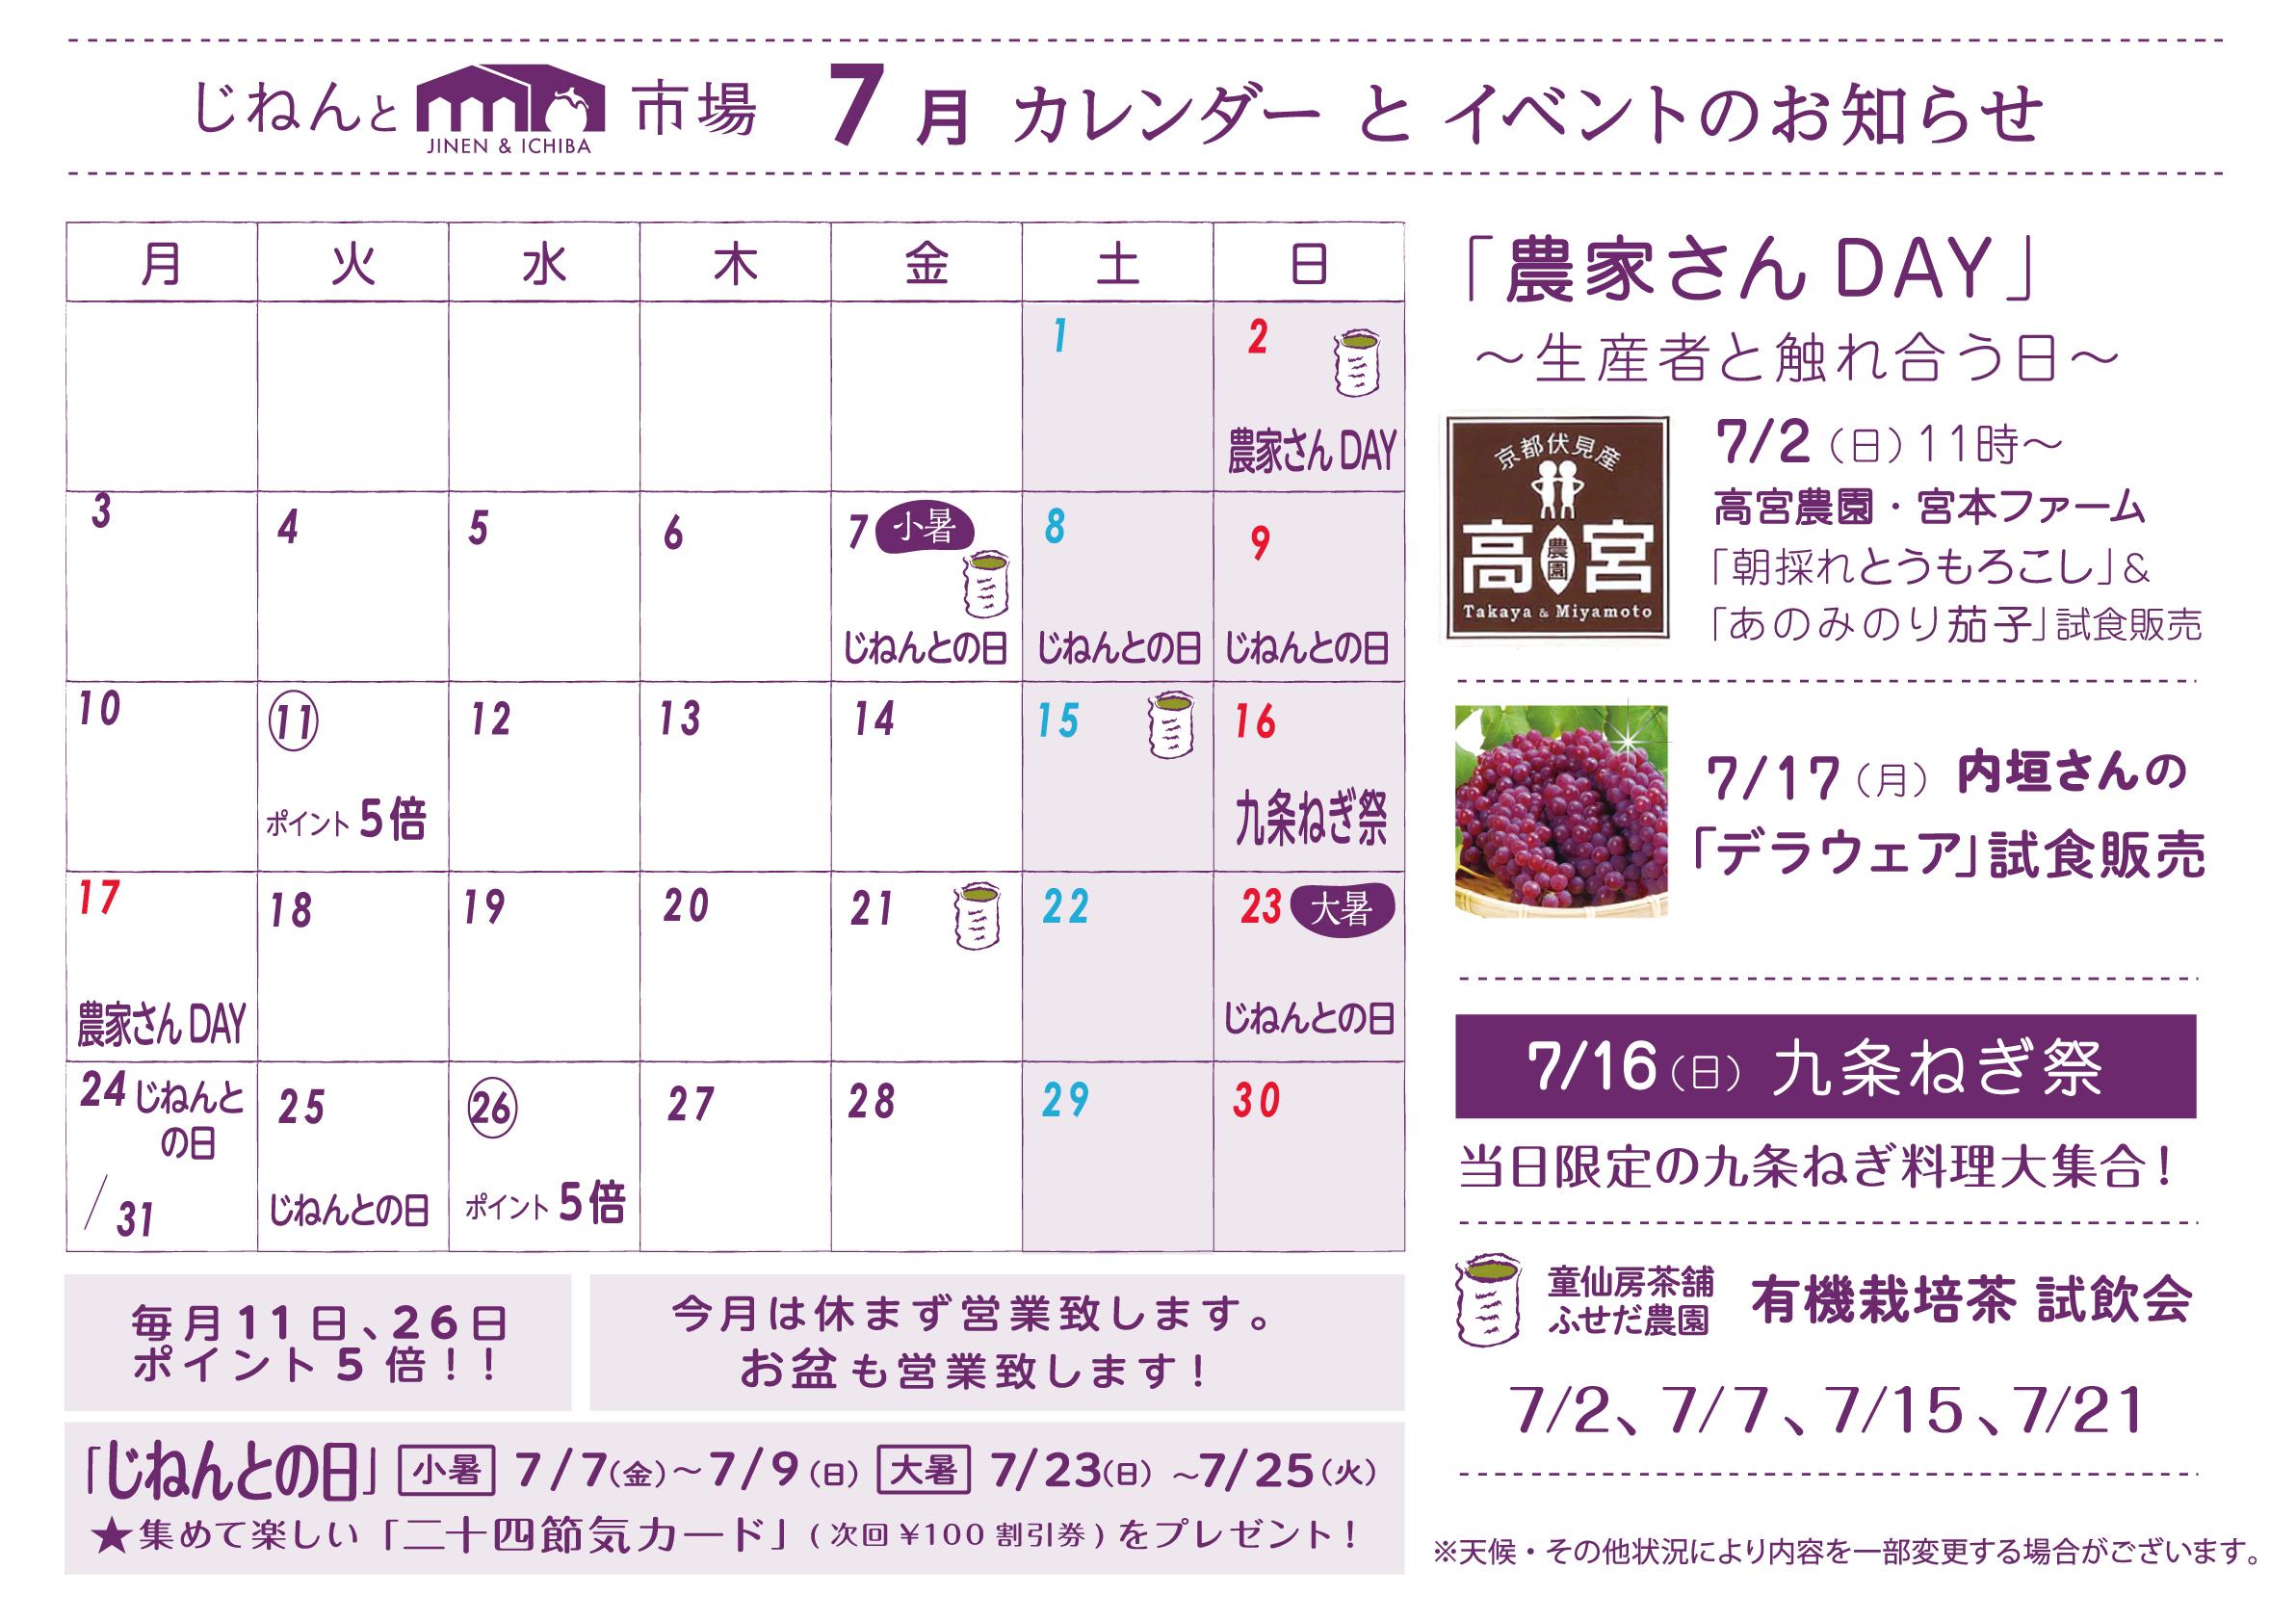 じねんと市場7月イベントカレンダー